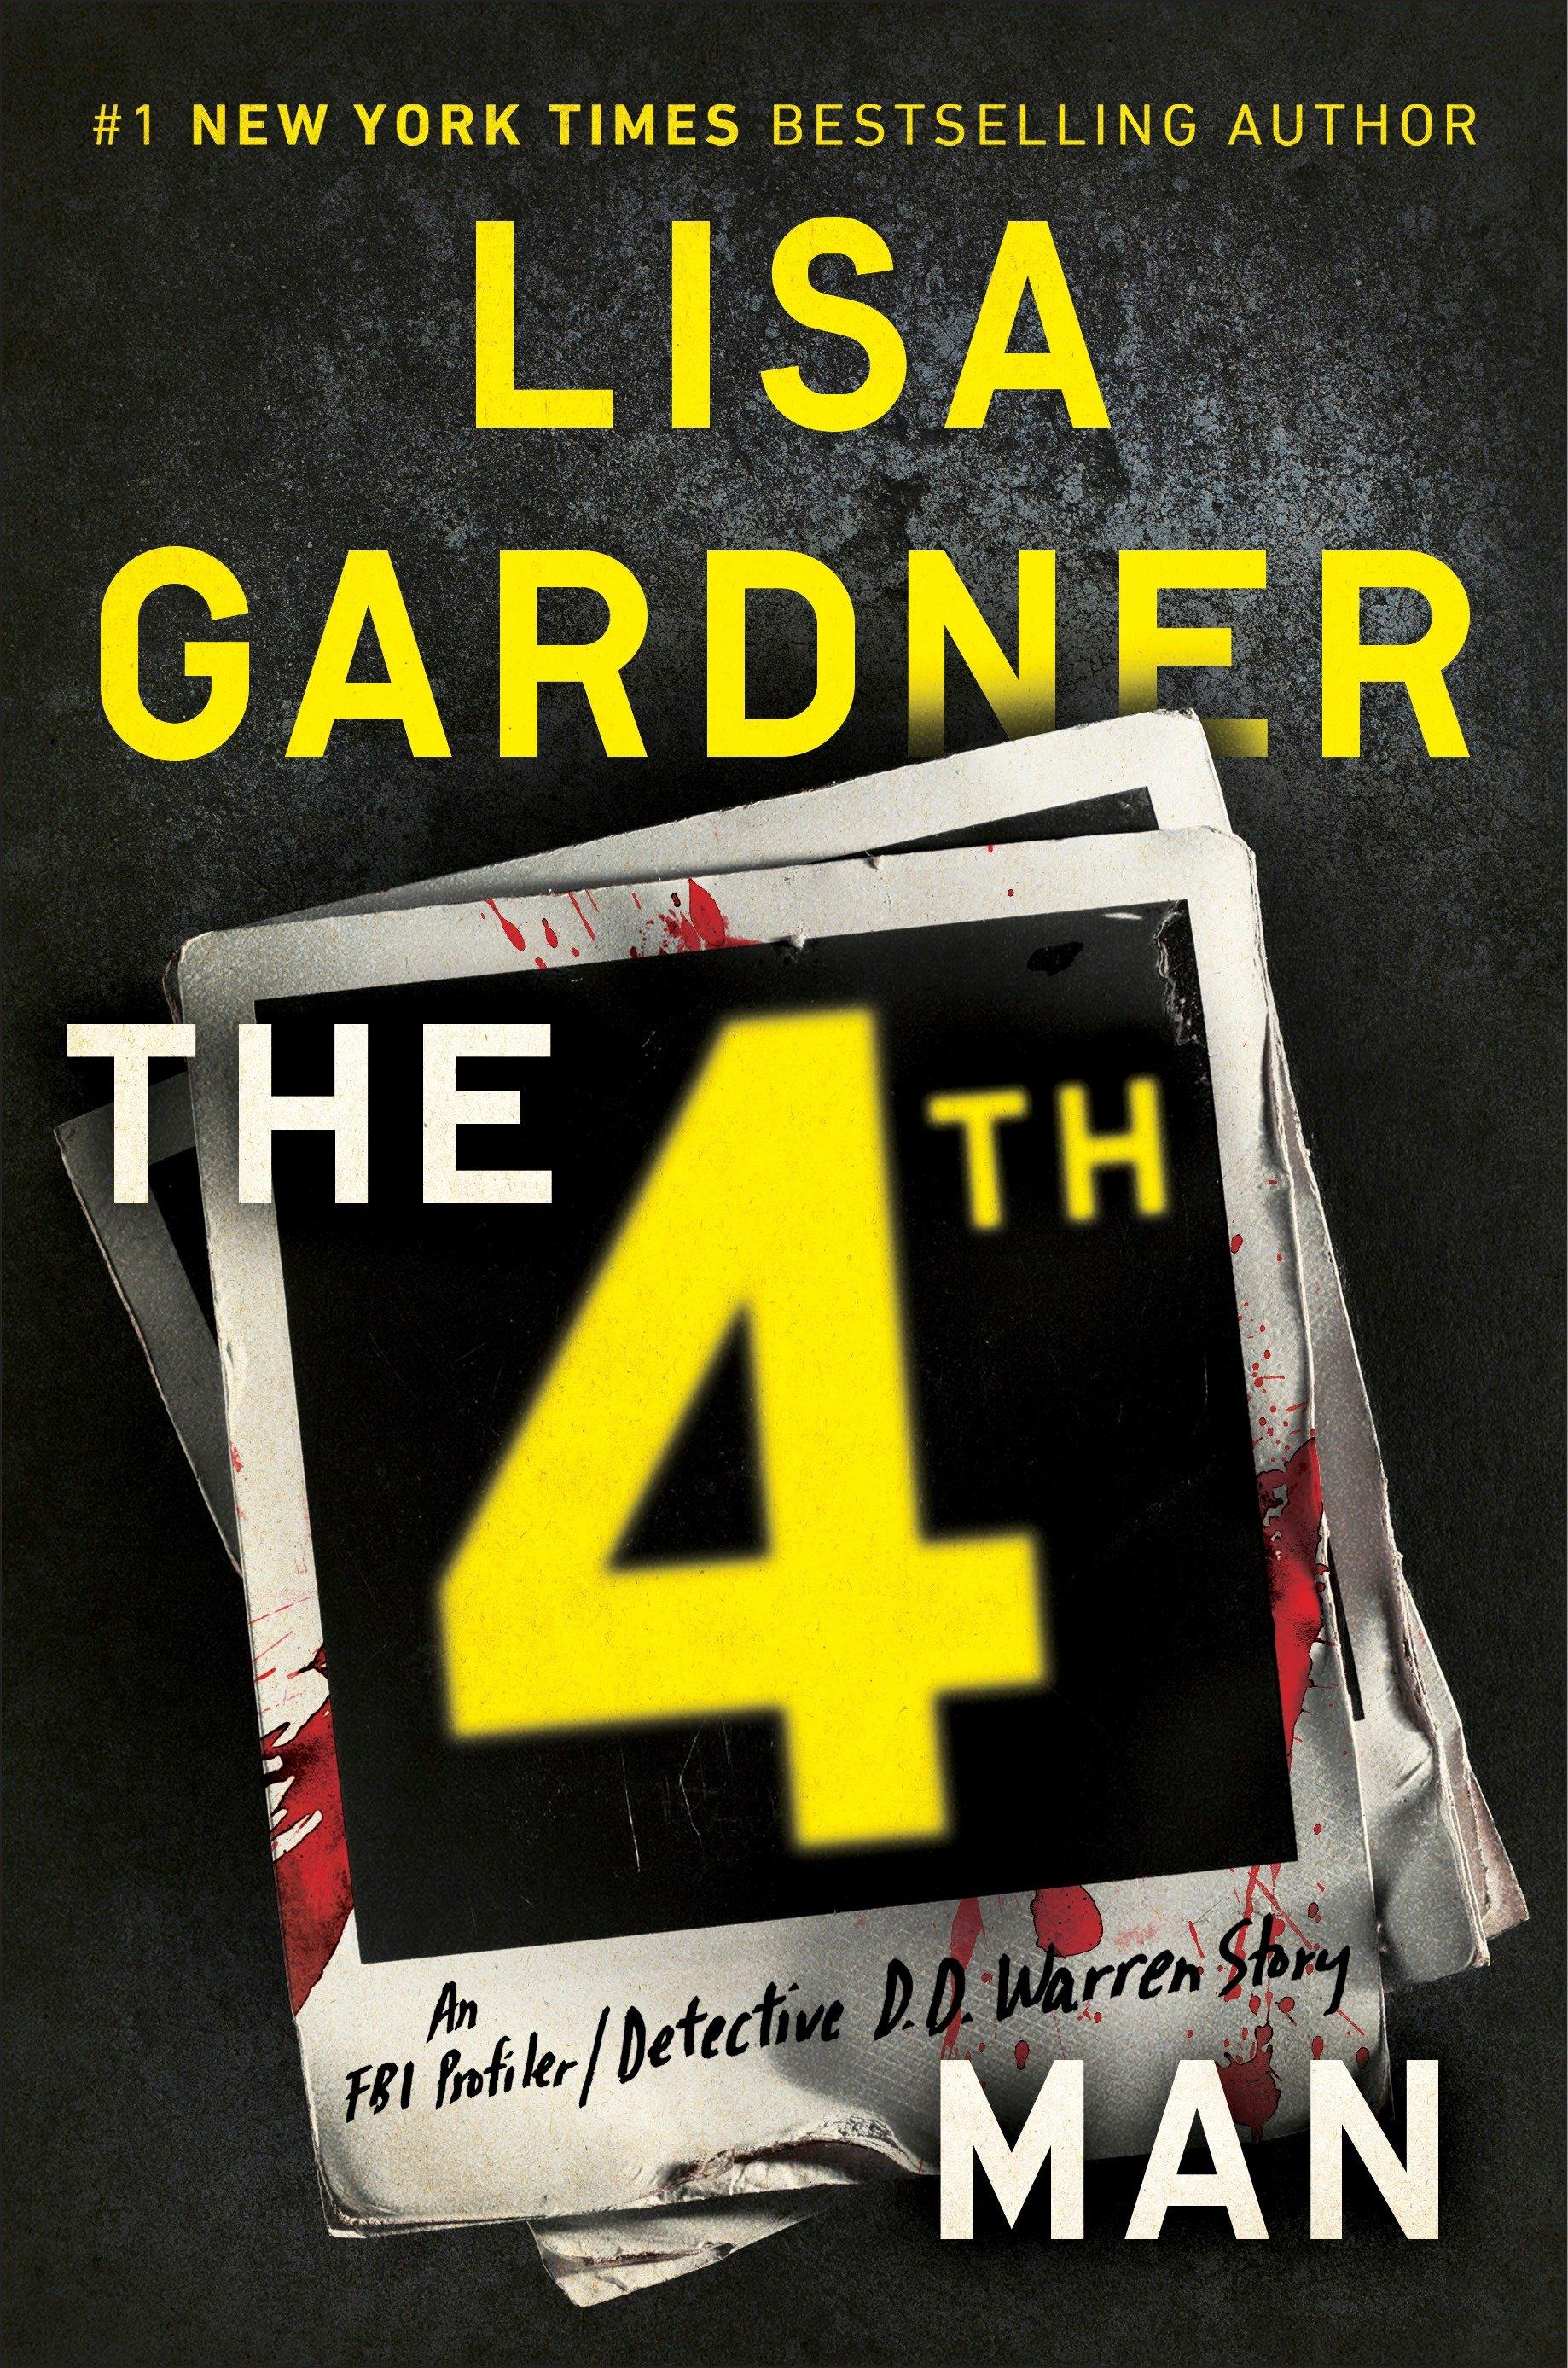 The 4th Man An FBI Profiler / Detective D. D. Warren Story